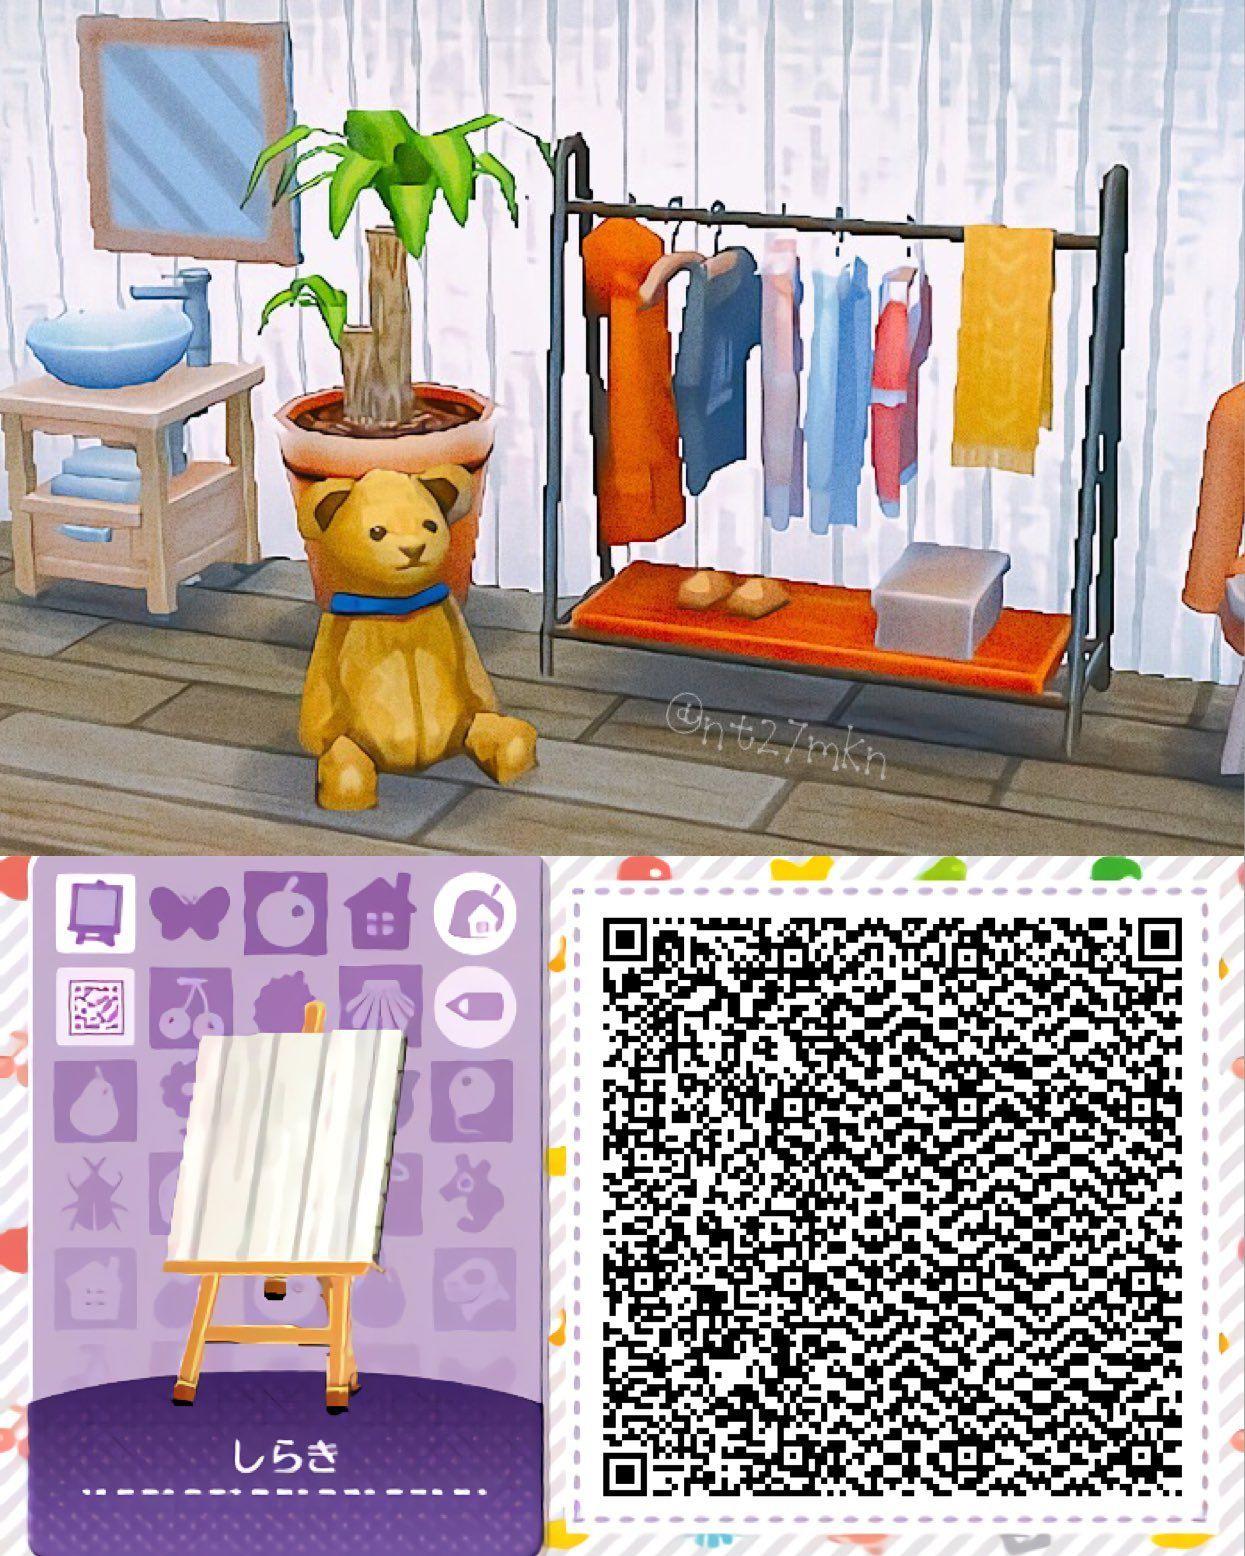 Le Plus A Jour Absolument Gratuit Jeux Design Concepts Ce Lavish Motorola Roi Dagobert En 2020 Personnages Animal Crossing Animal Crossing Astuce Animaux Sauvages